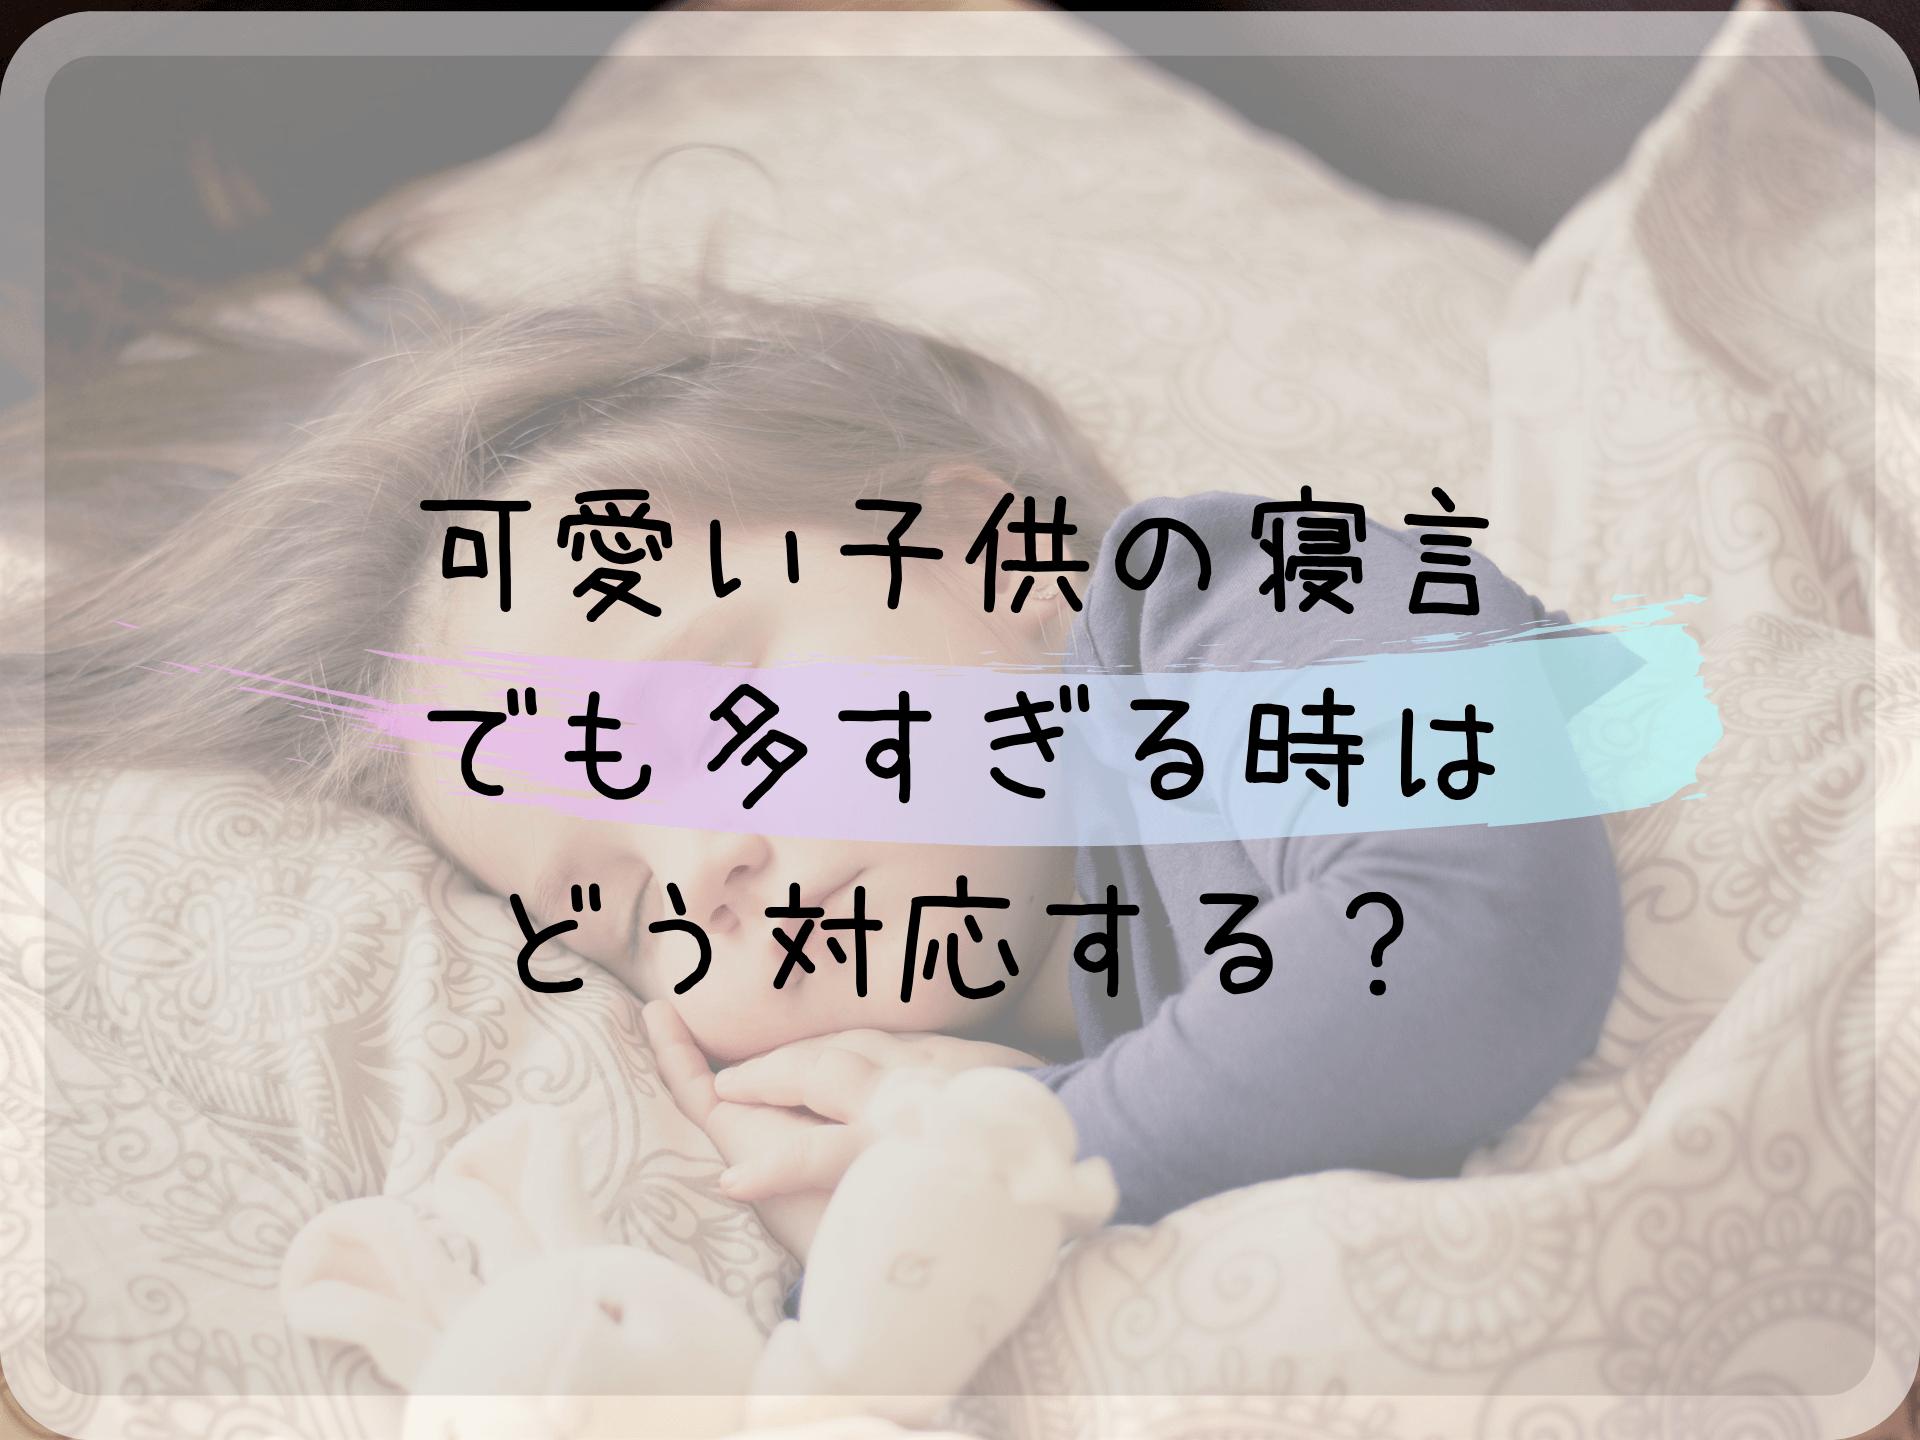 可愛い子供の寝言、でも多すぎる時はどう対応する? (1)